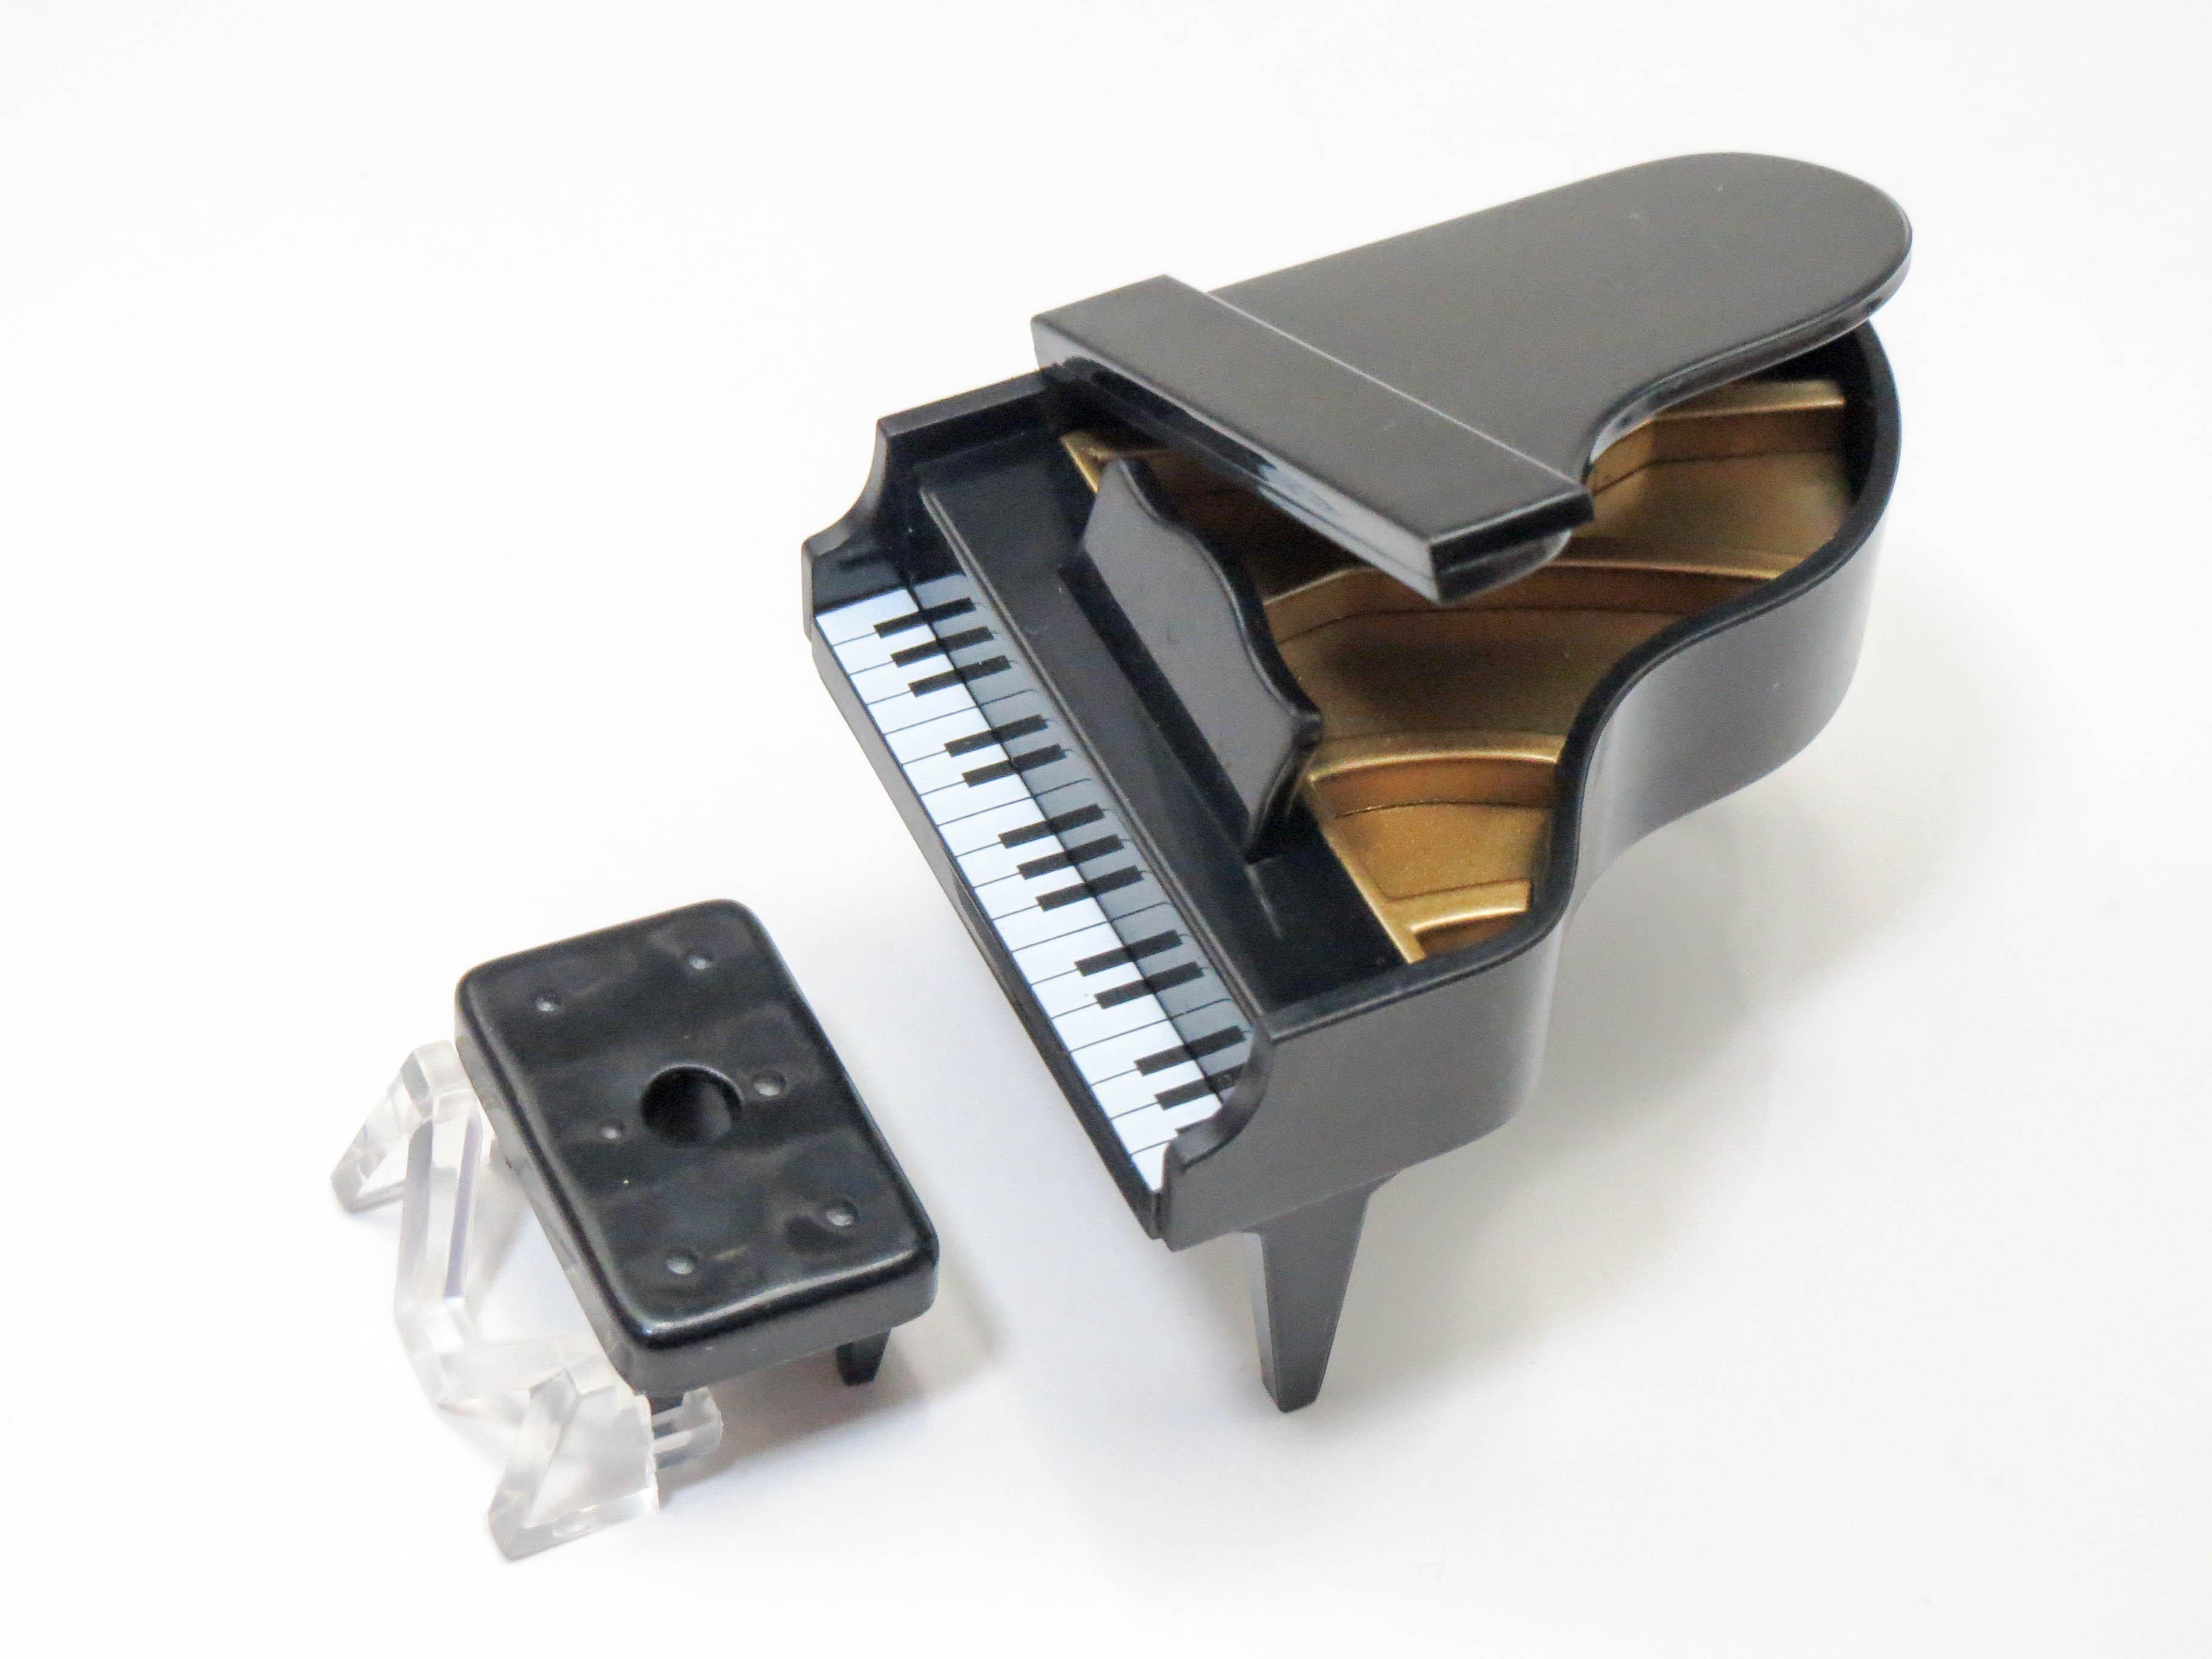 再入荷【281】 坂井和奏 小物パーツ ピアノ ねんどろいど